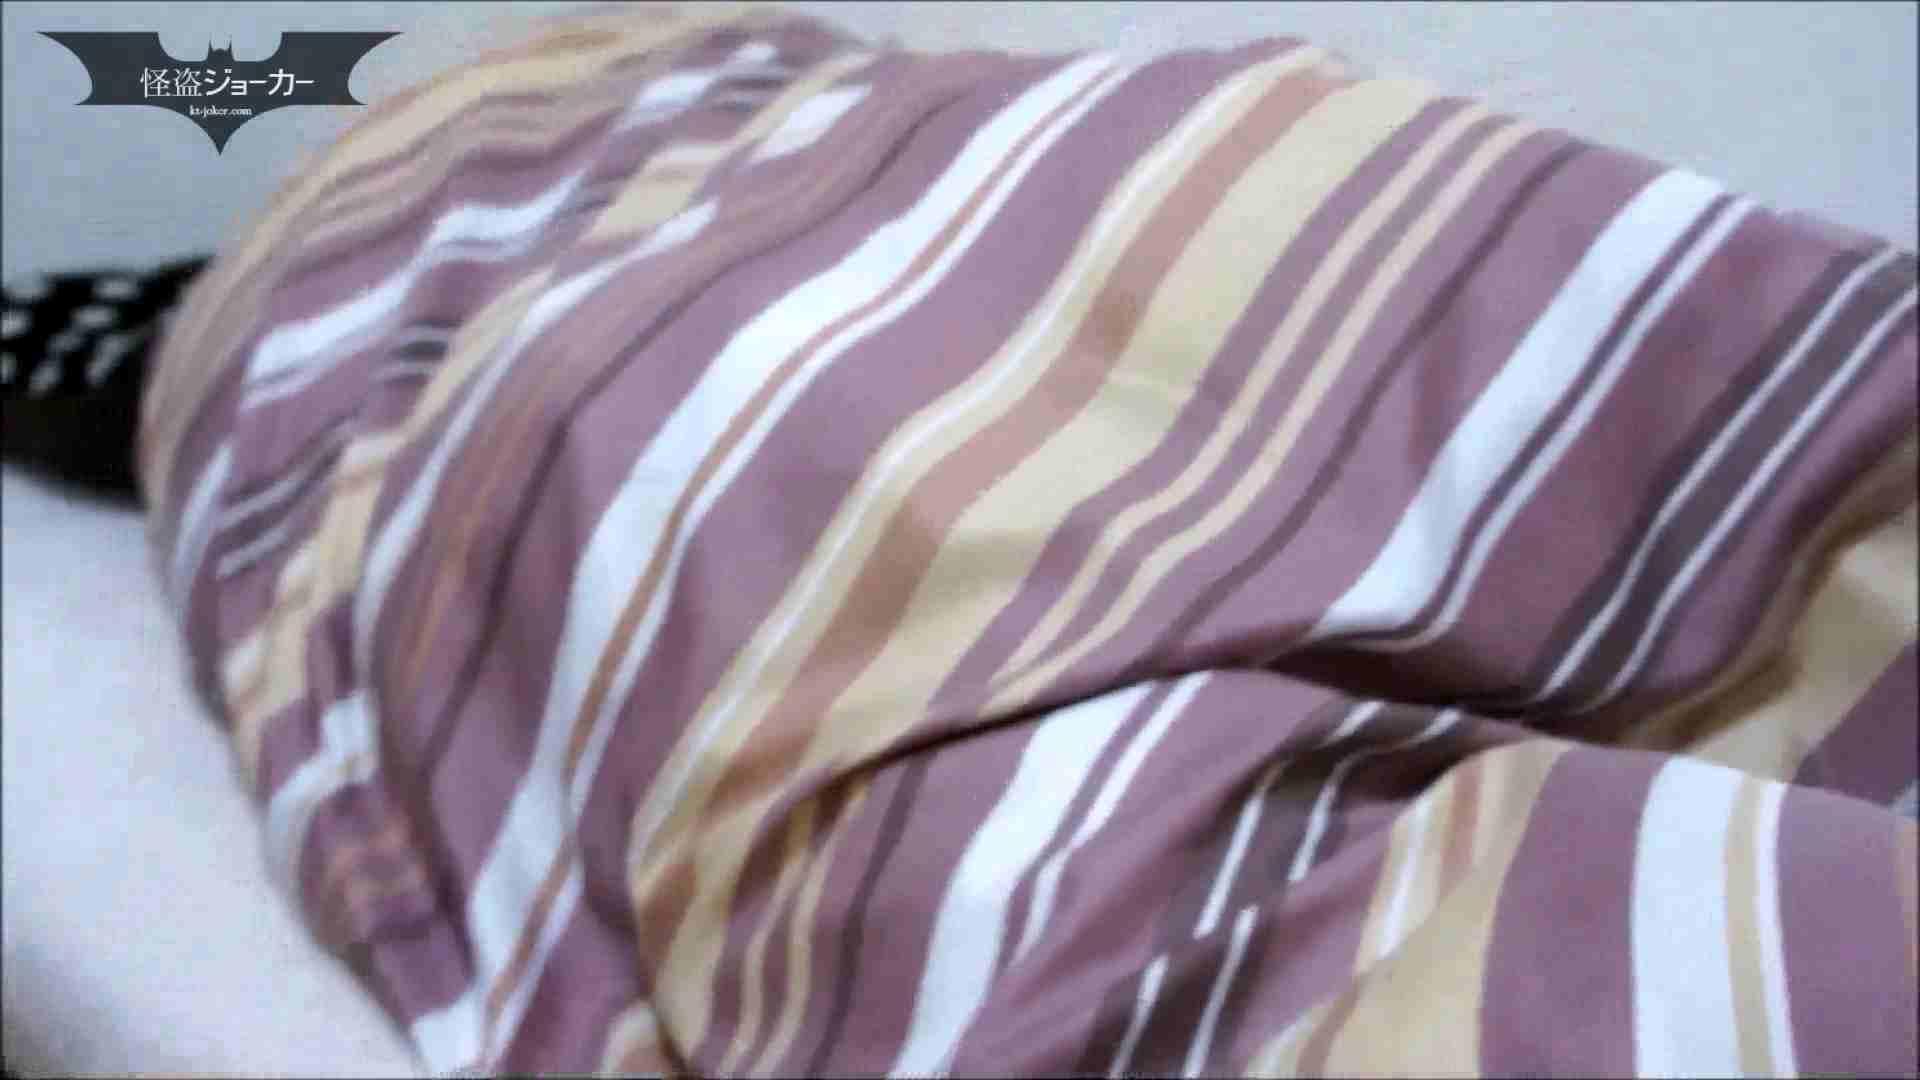 【未公開】vol.70【小春】レイカが目民る横で、、、親友の小春ちゃんをおかして。 おっぱい のぞき 93PIX 79